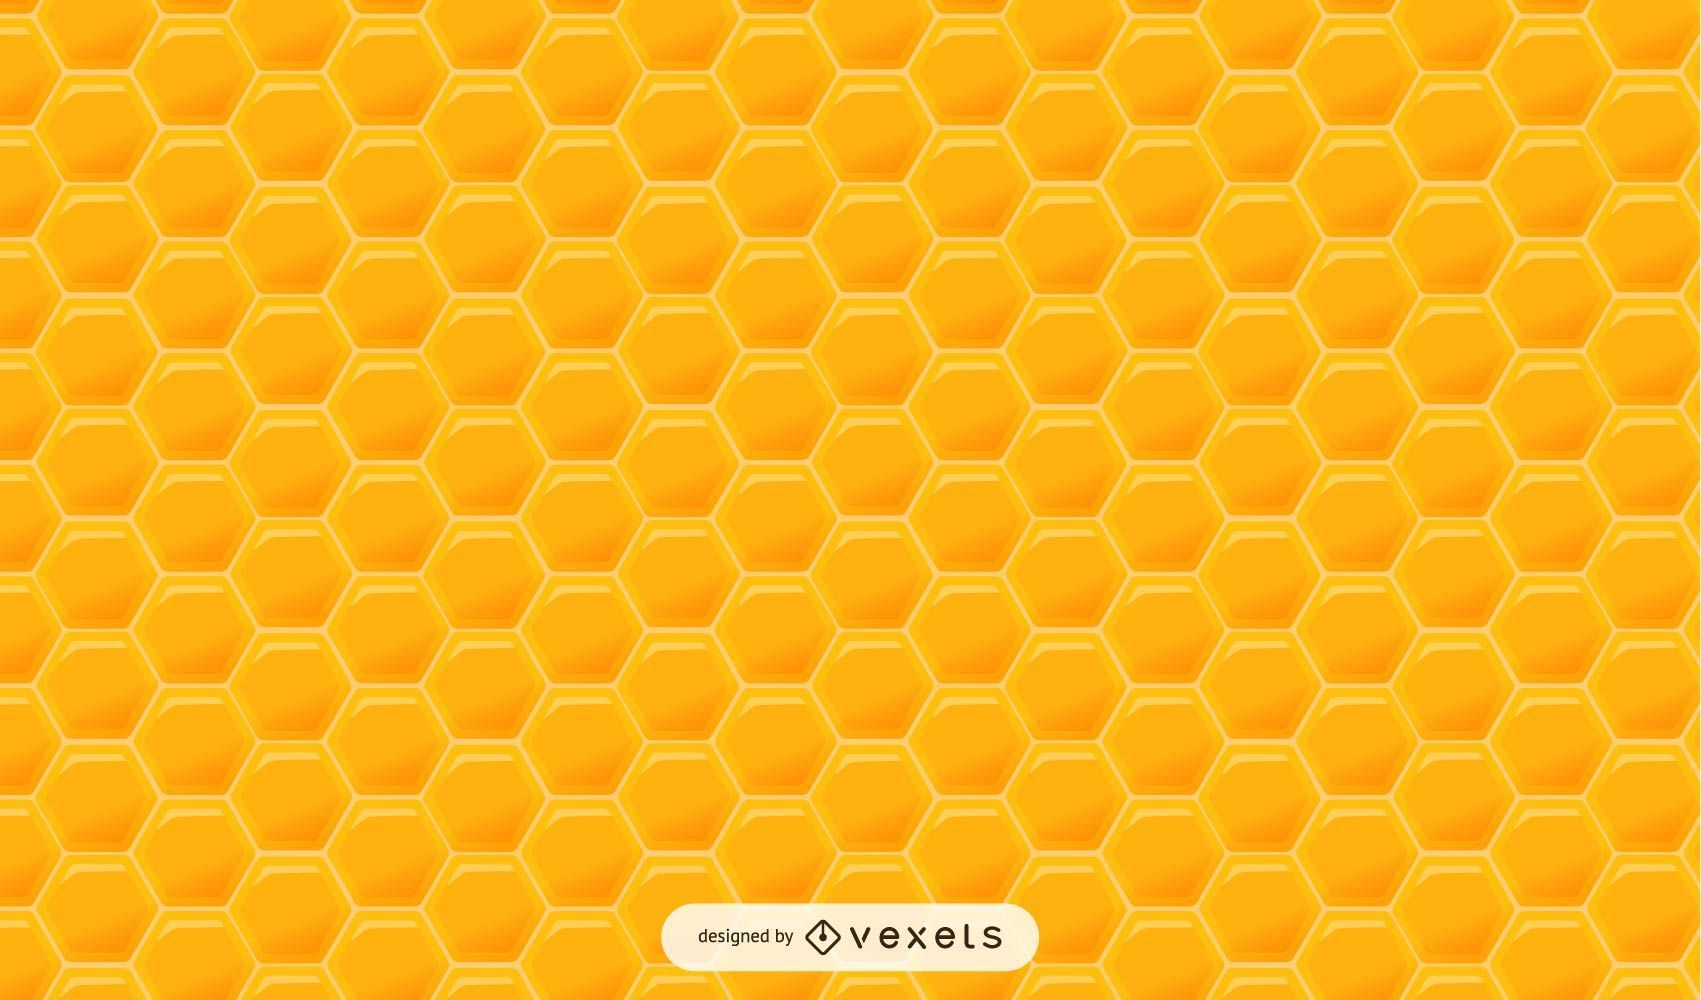 Glossy Hexagonal Honey Pattern